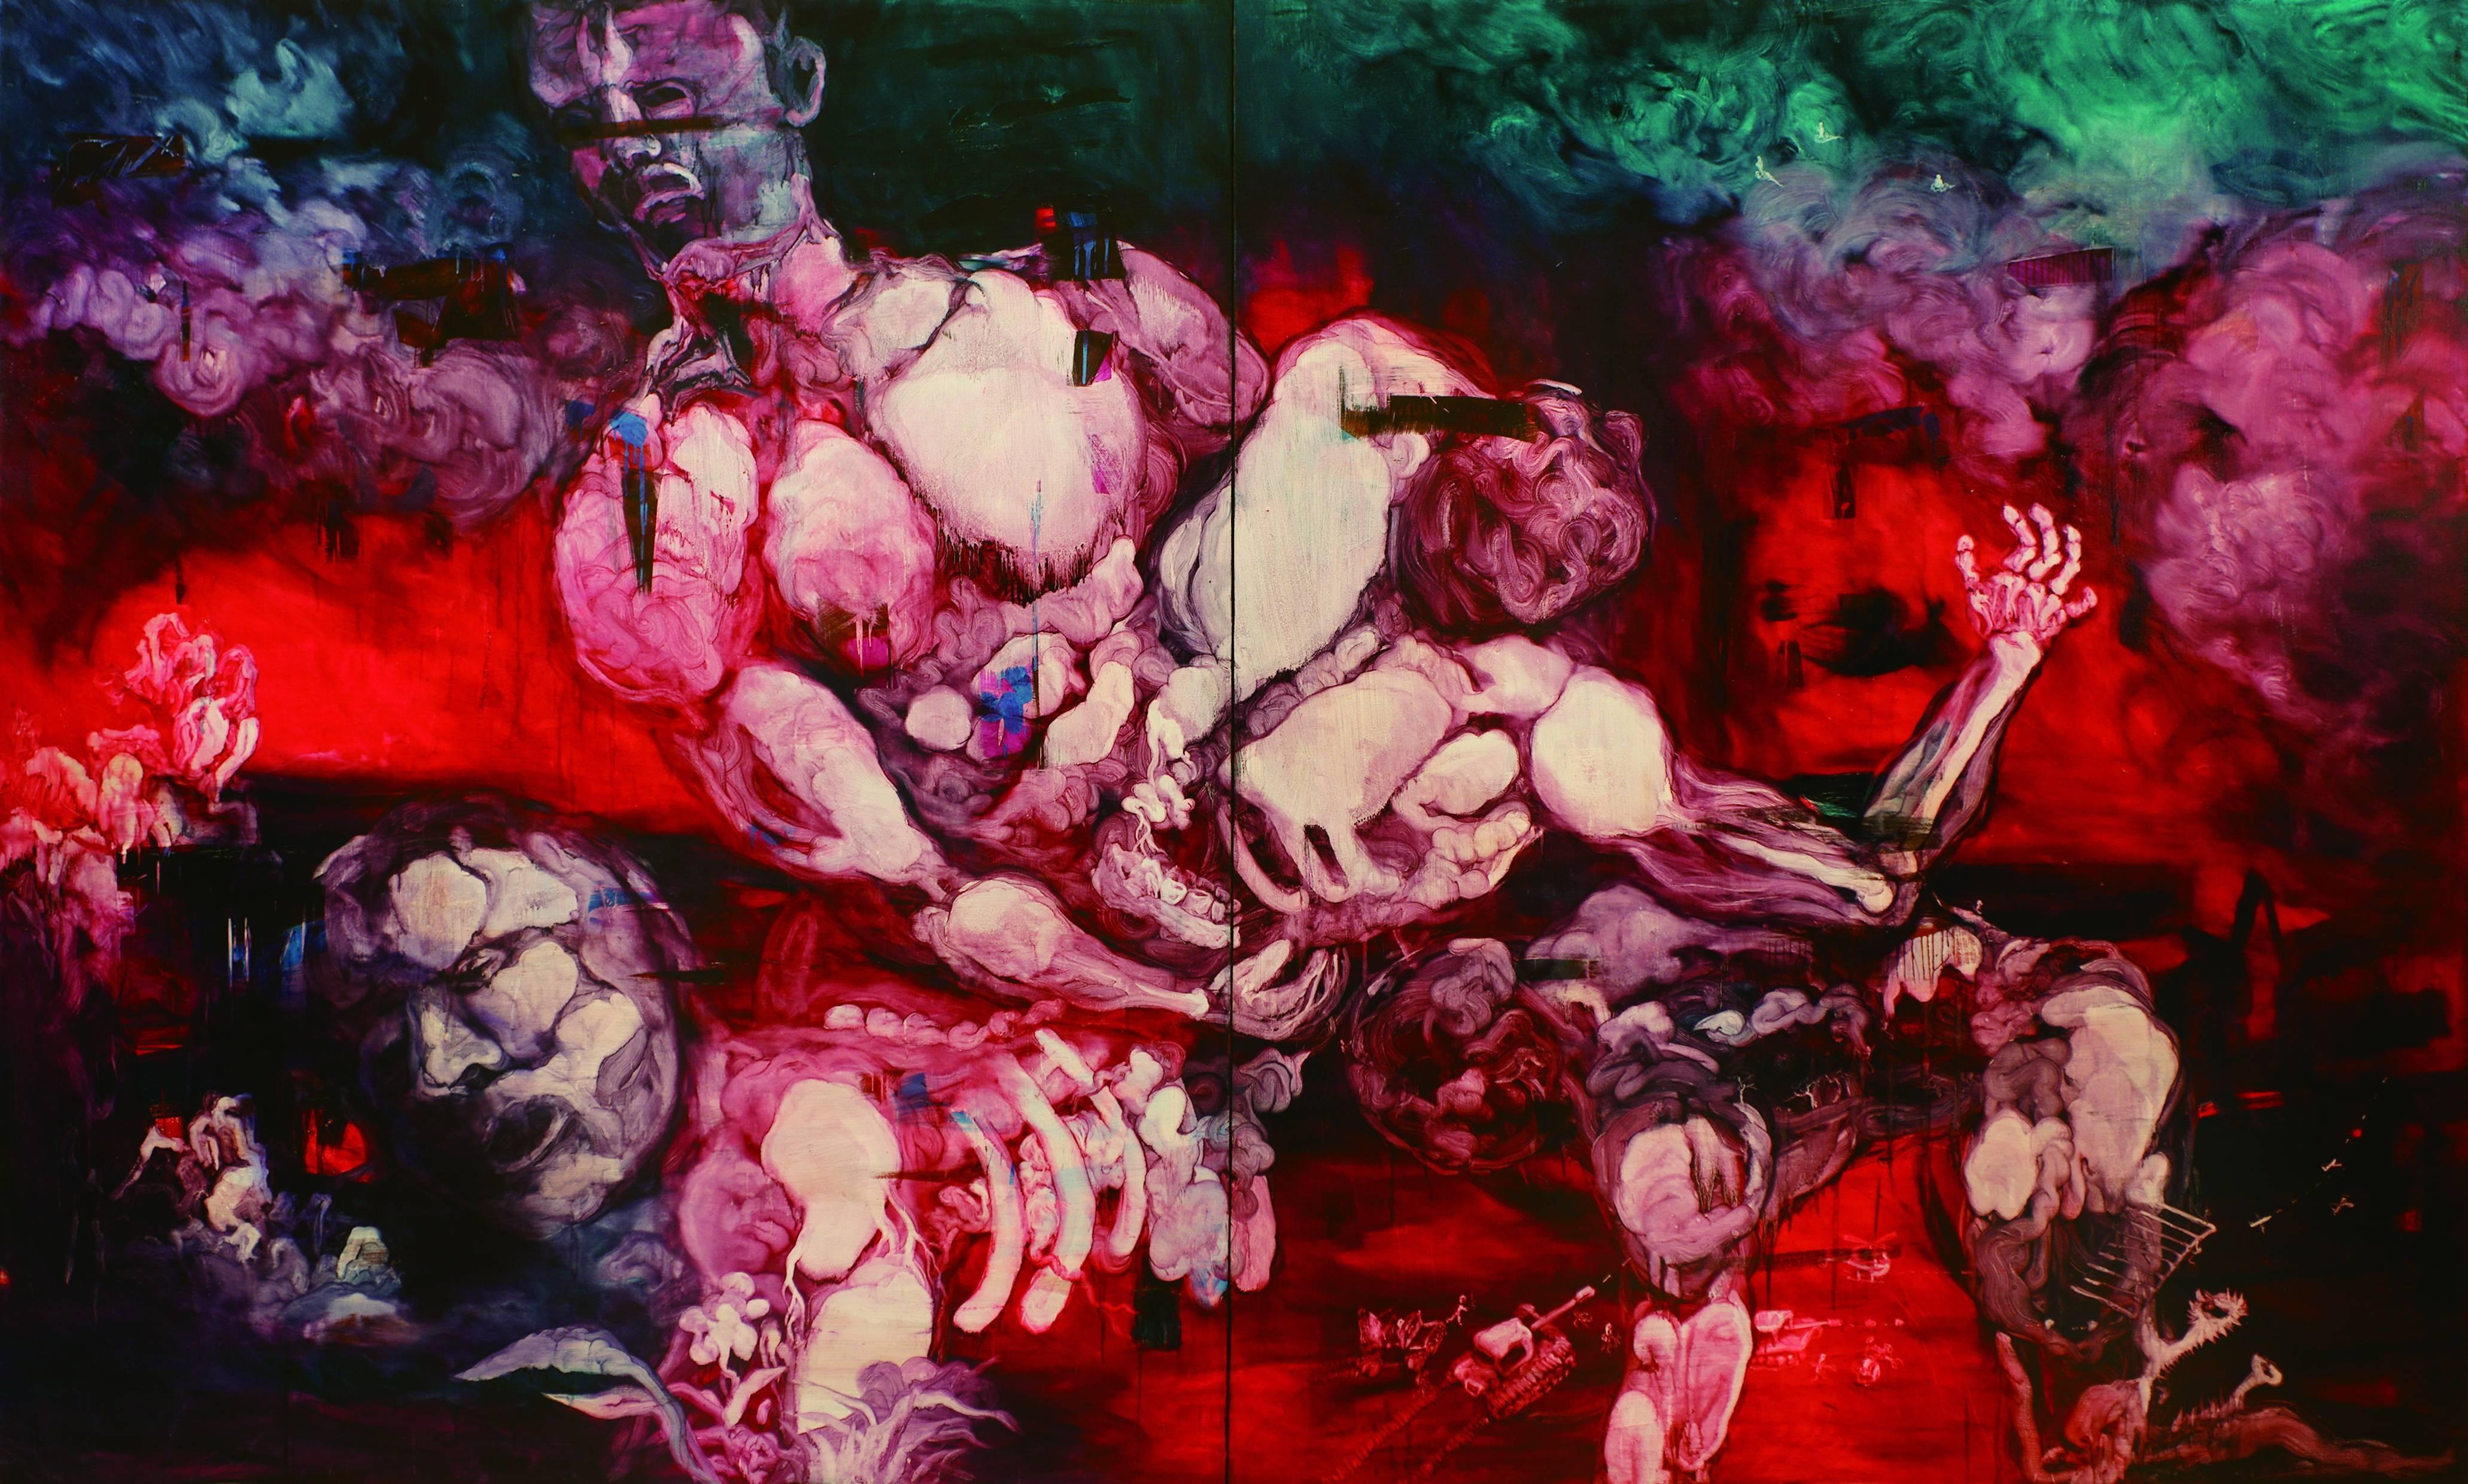 常陵|五花肉系列-肉宗教-肉世界再創記|2010|油彩|400x240cm (雙聯幅)